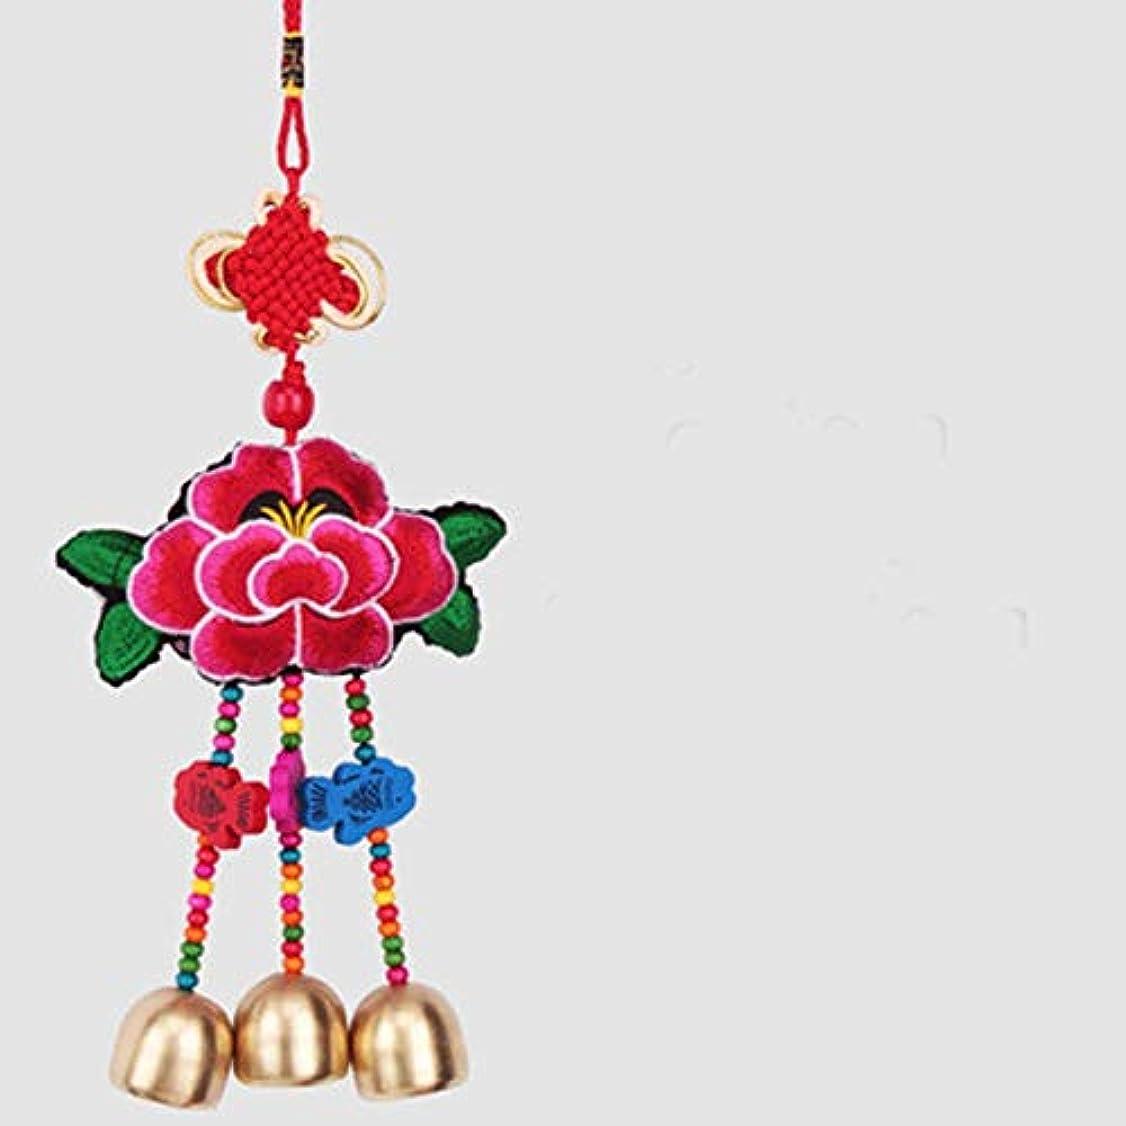 リンクバルーン早熟Jielongtongxun Small Wind Chimes、中華風刺繍工芸品、14スタイル、ワンピース,絶妙な飾り (Color : 14)